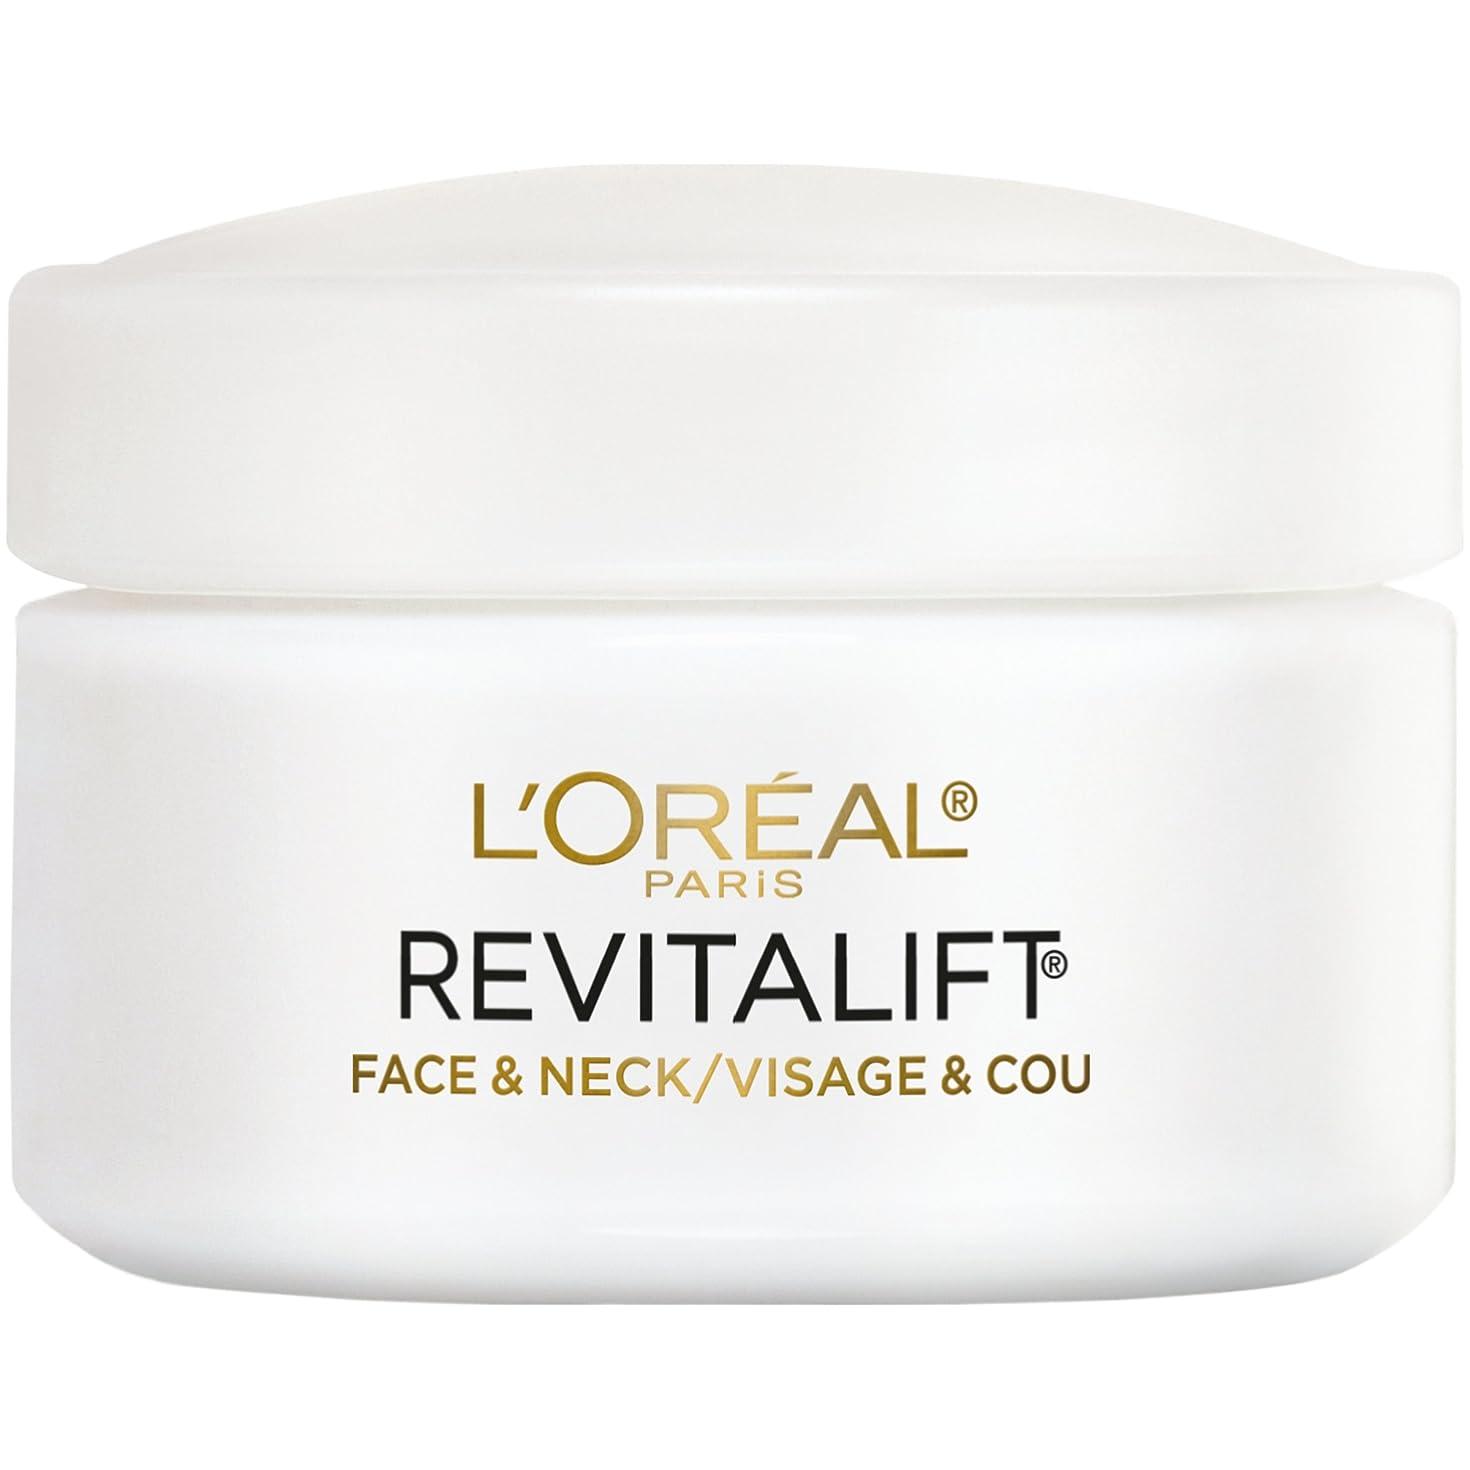 晴れ引き金車両L'Oreal Paris Advanced RevitaLift Face and Neck Day Cream, 1.7 Ounce (並行輸入品)